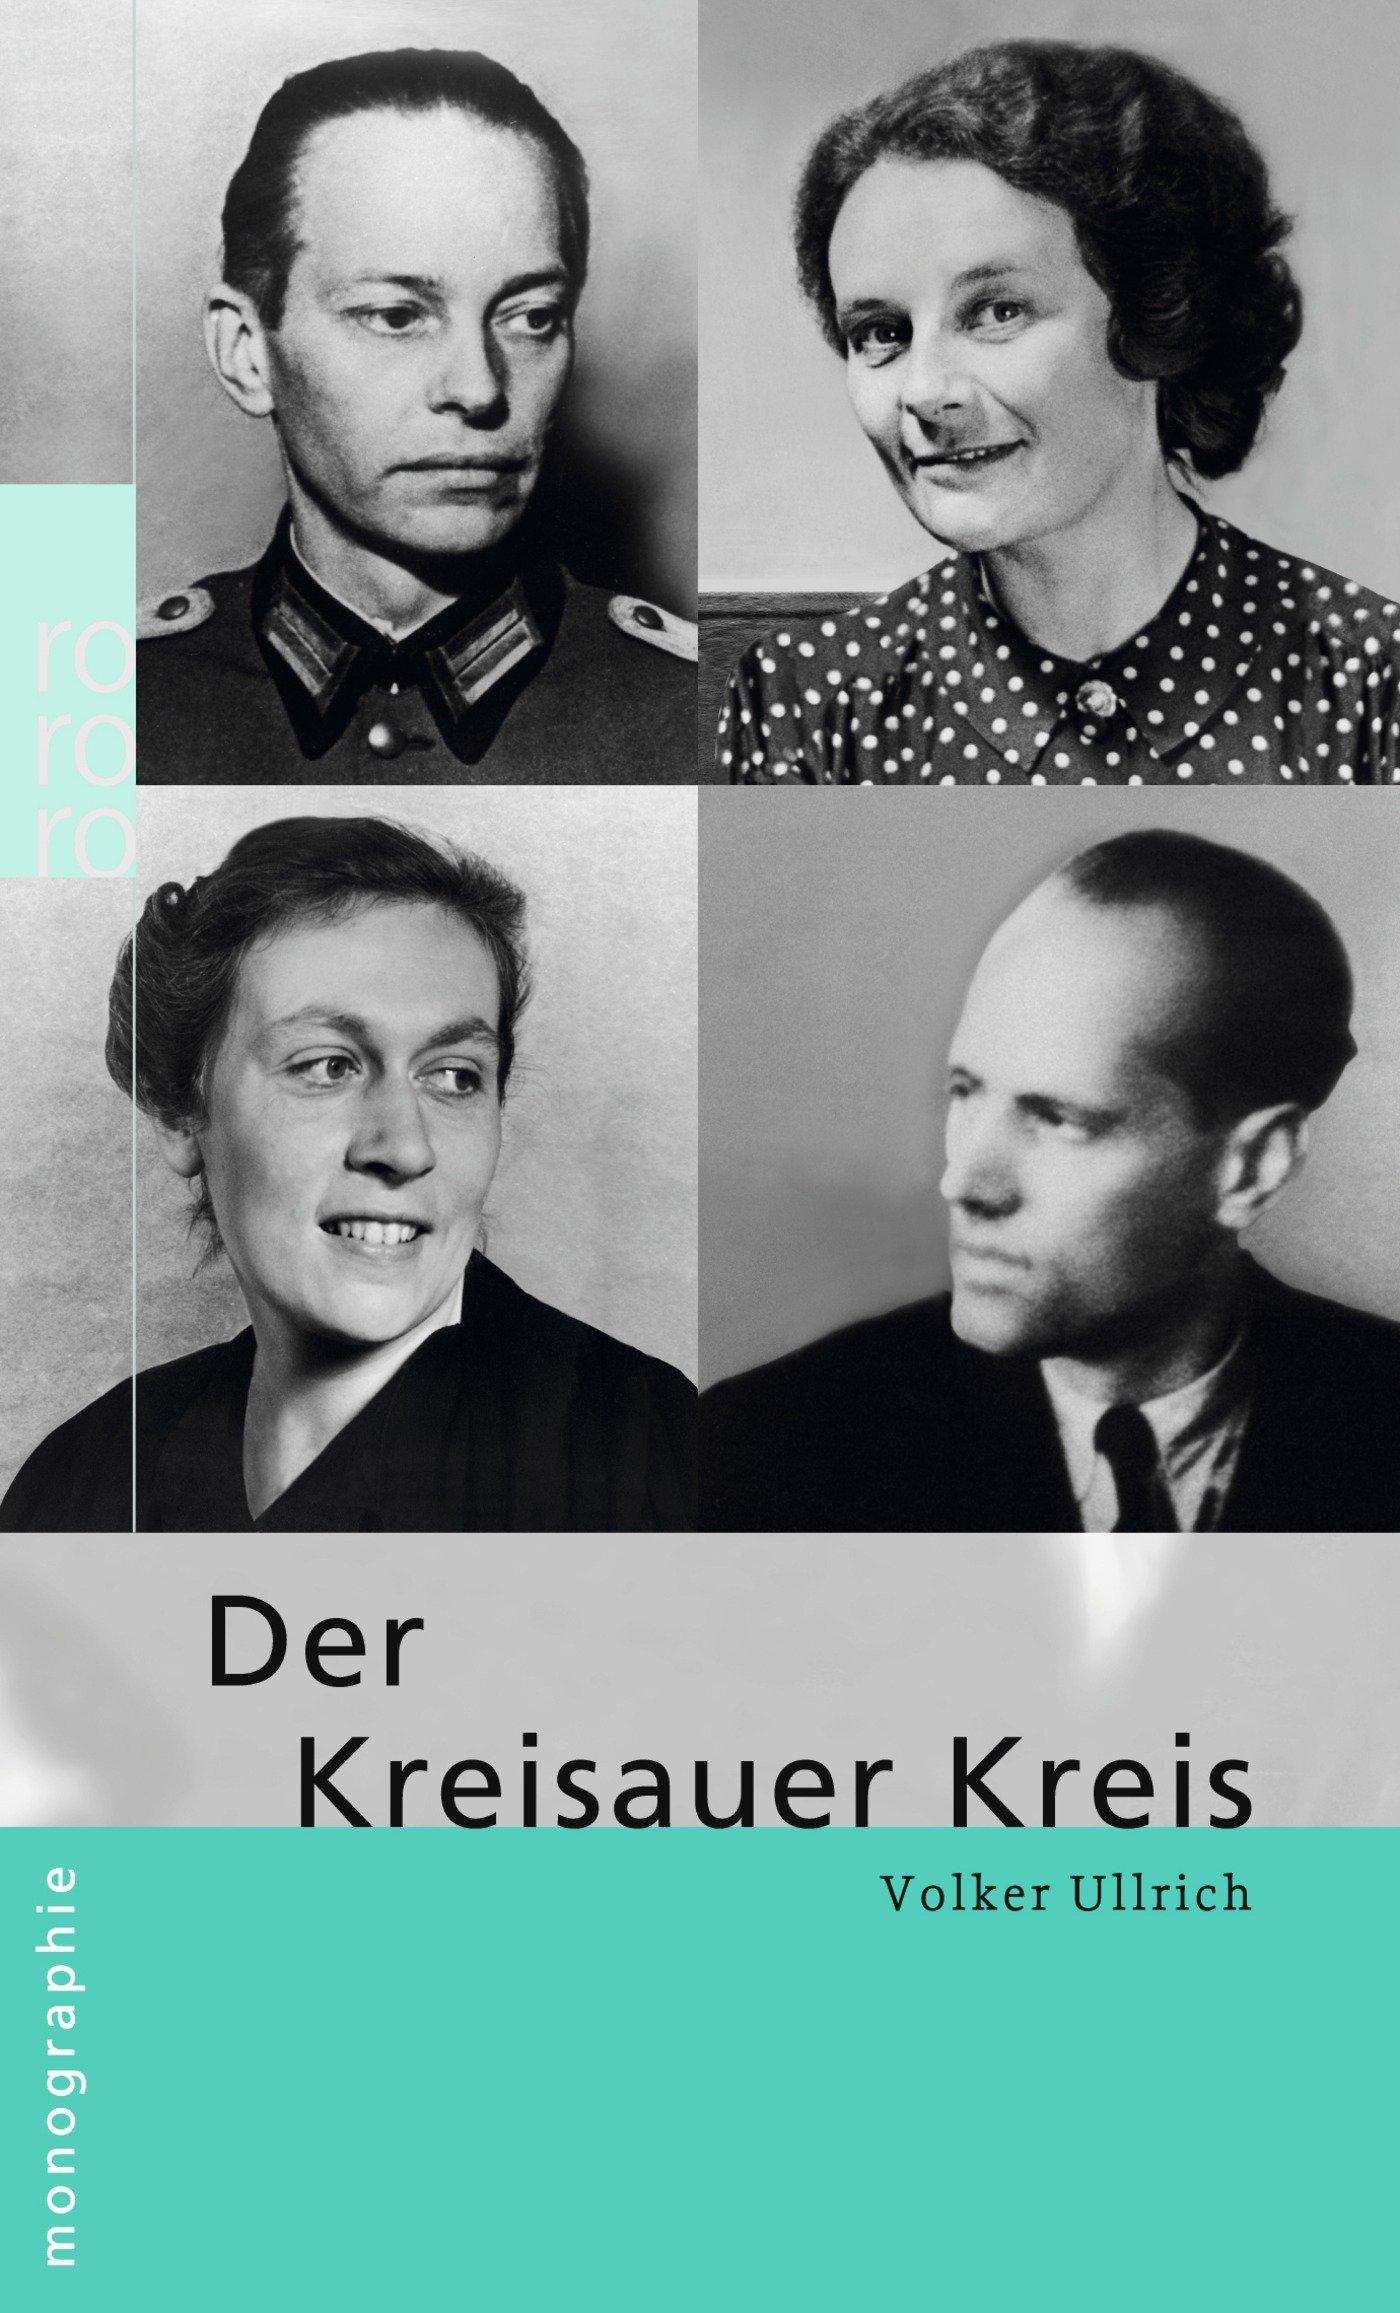 Der Kreisauer Kreis Taschenbuch – 1. August 2008 Volker Ullrich Rowohlt Taschenbuch 3499507013 Geschichte / 20. Jahrhundert